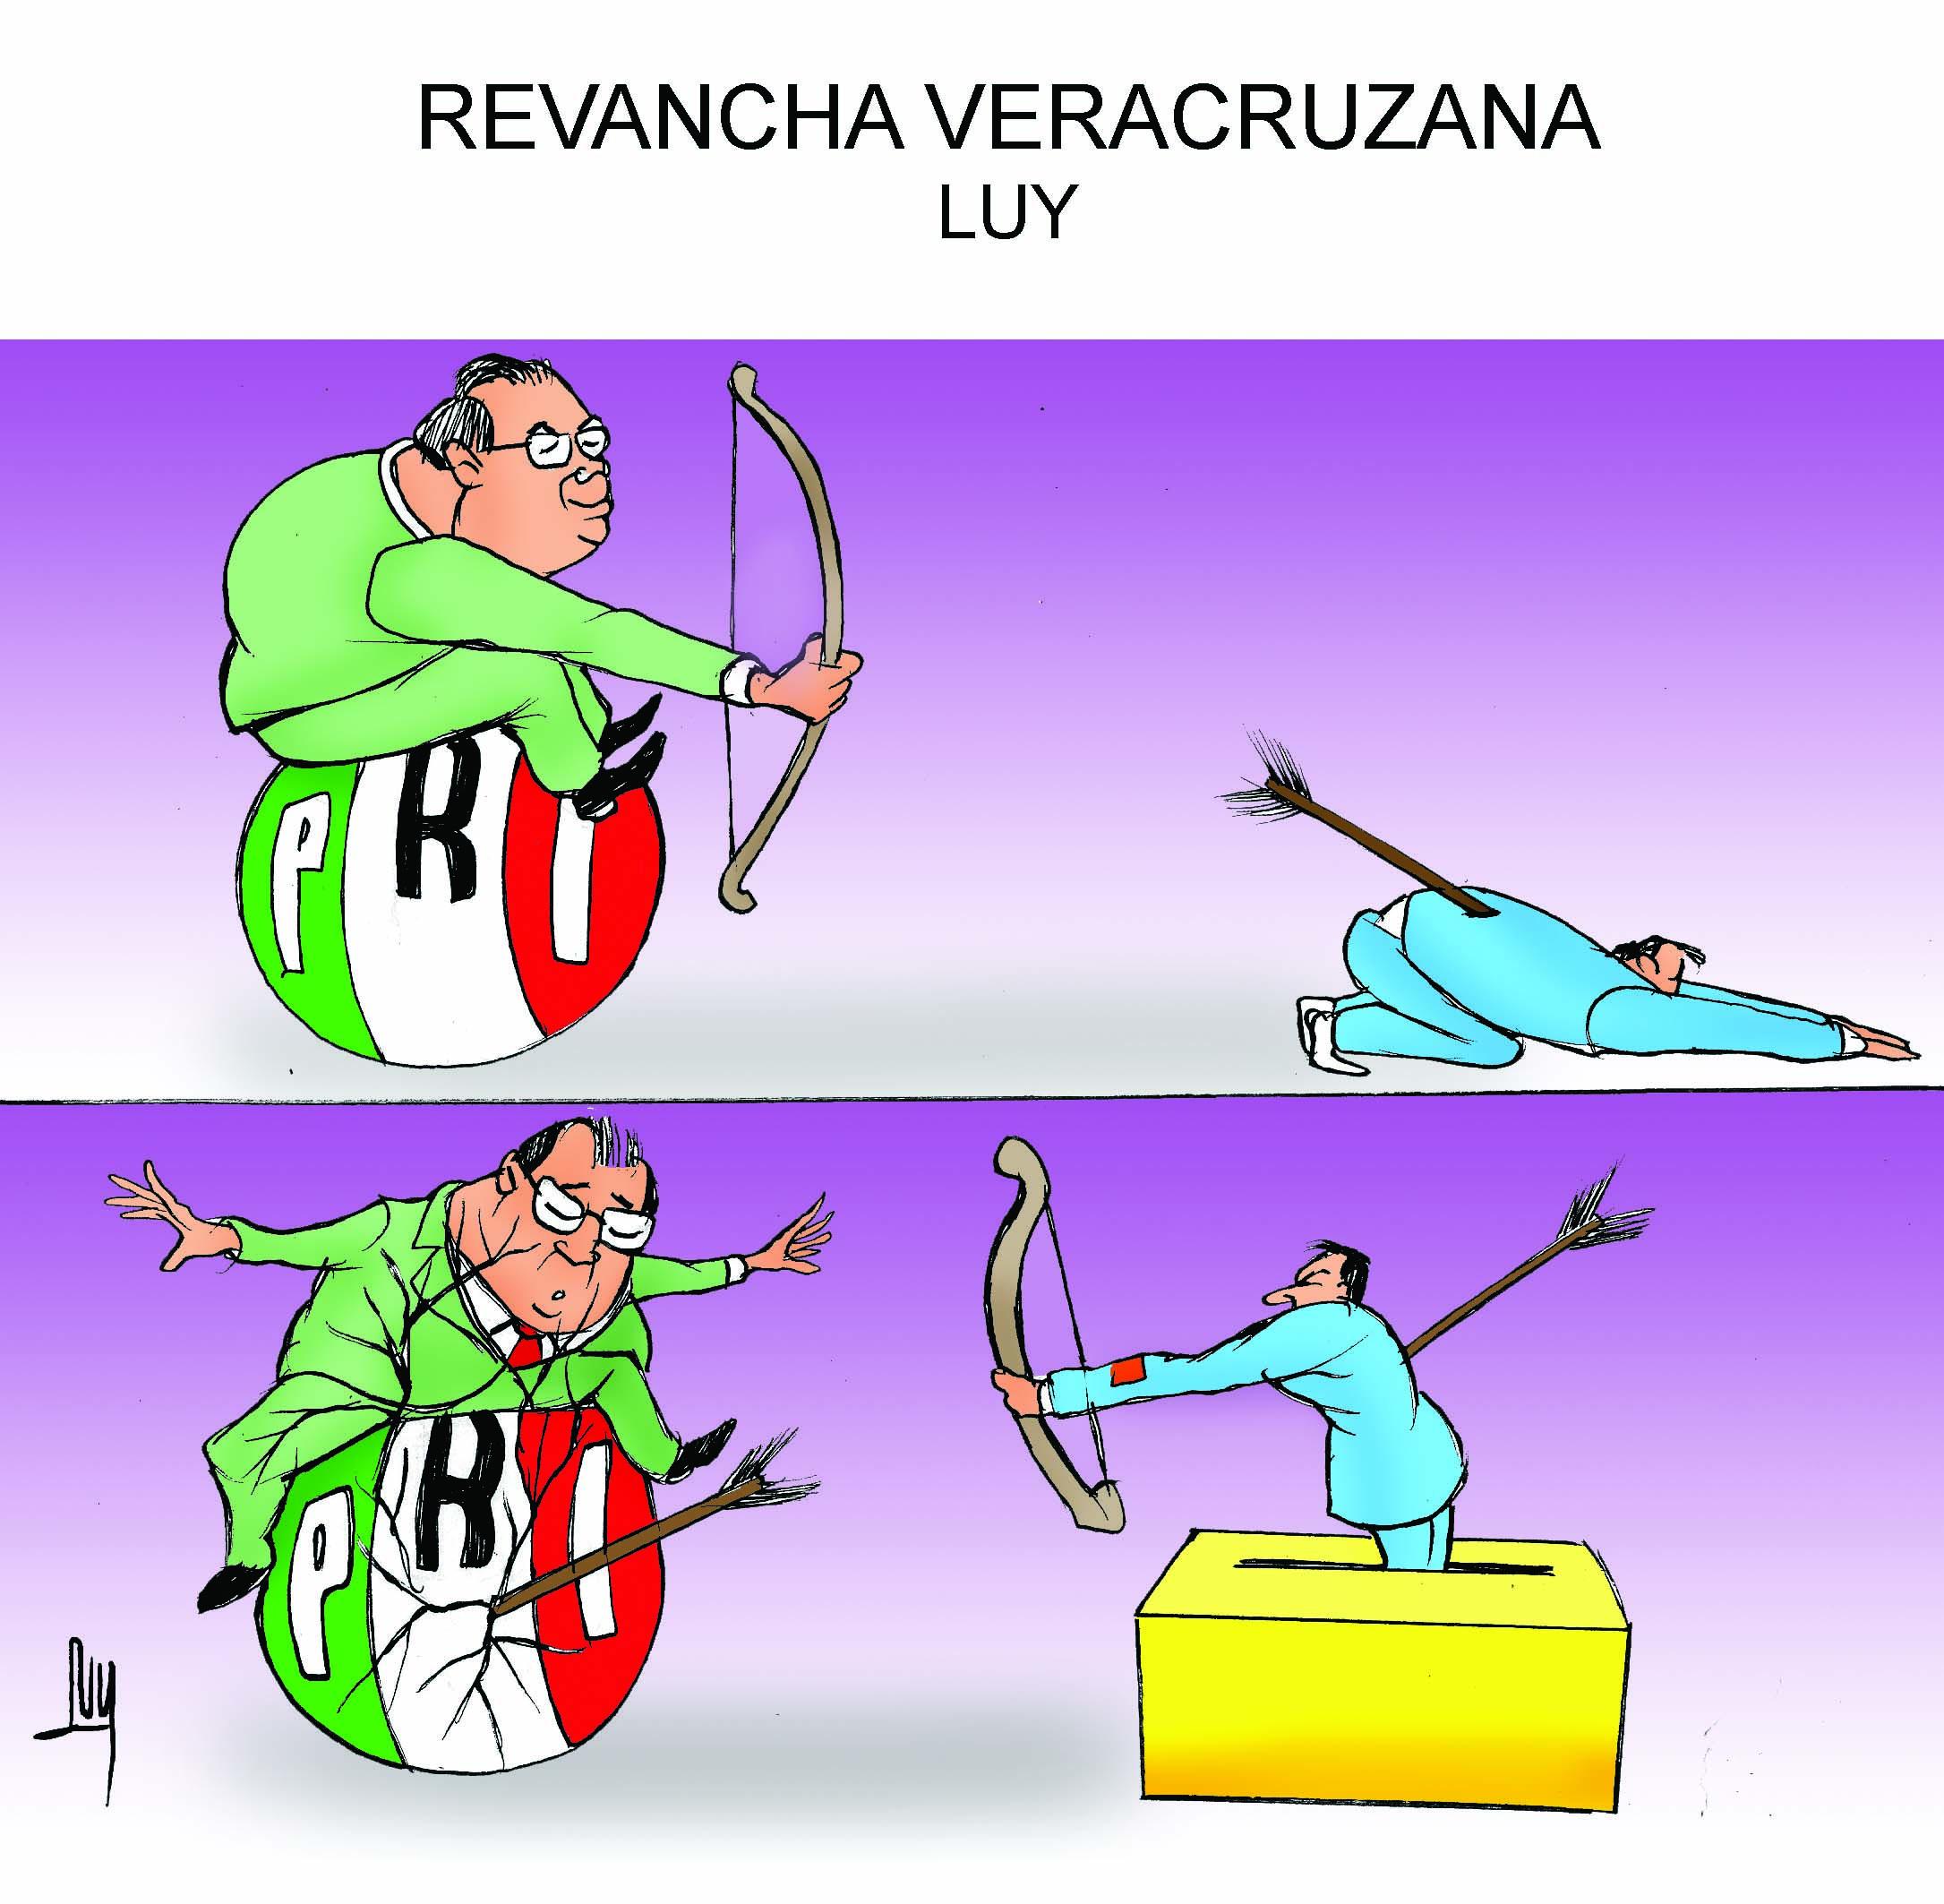 revancha-veracruzana